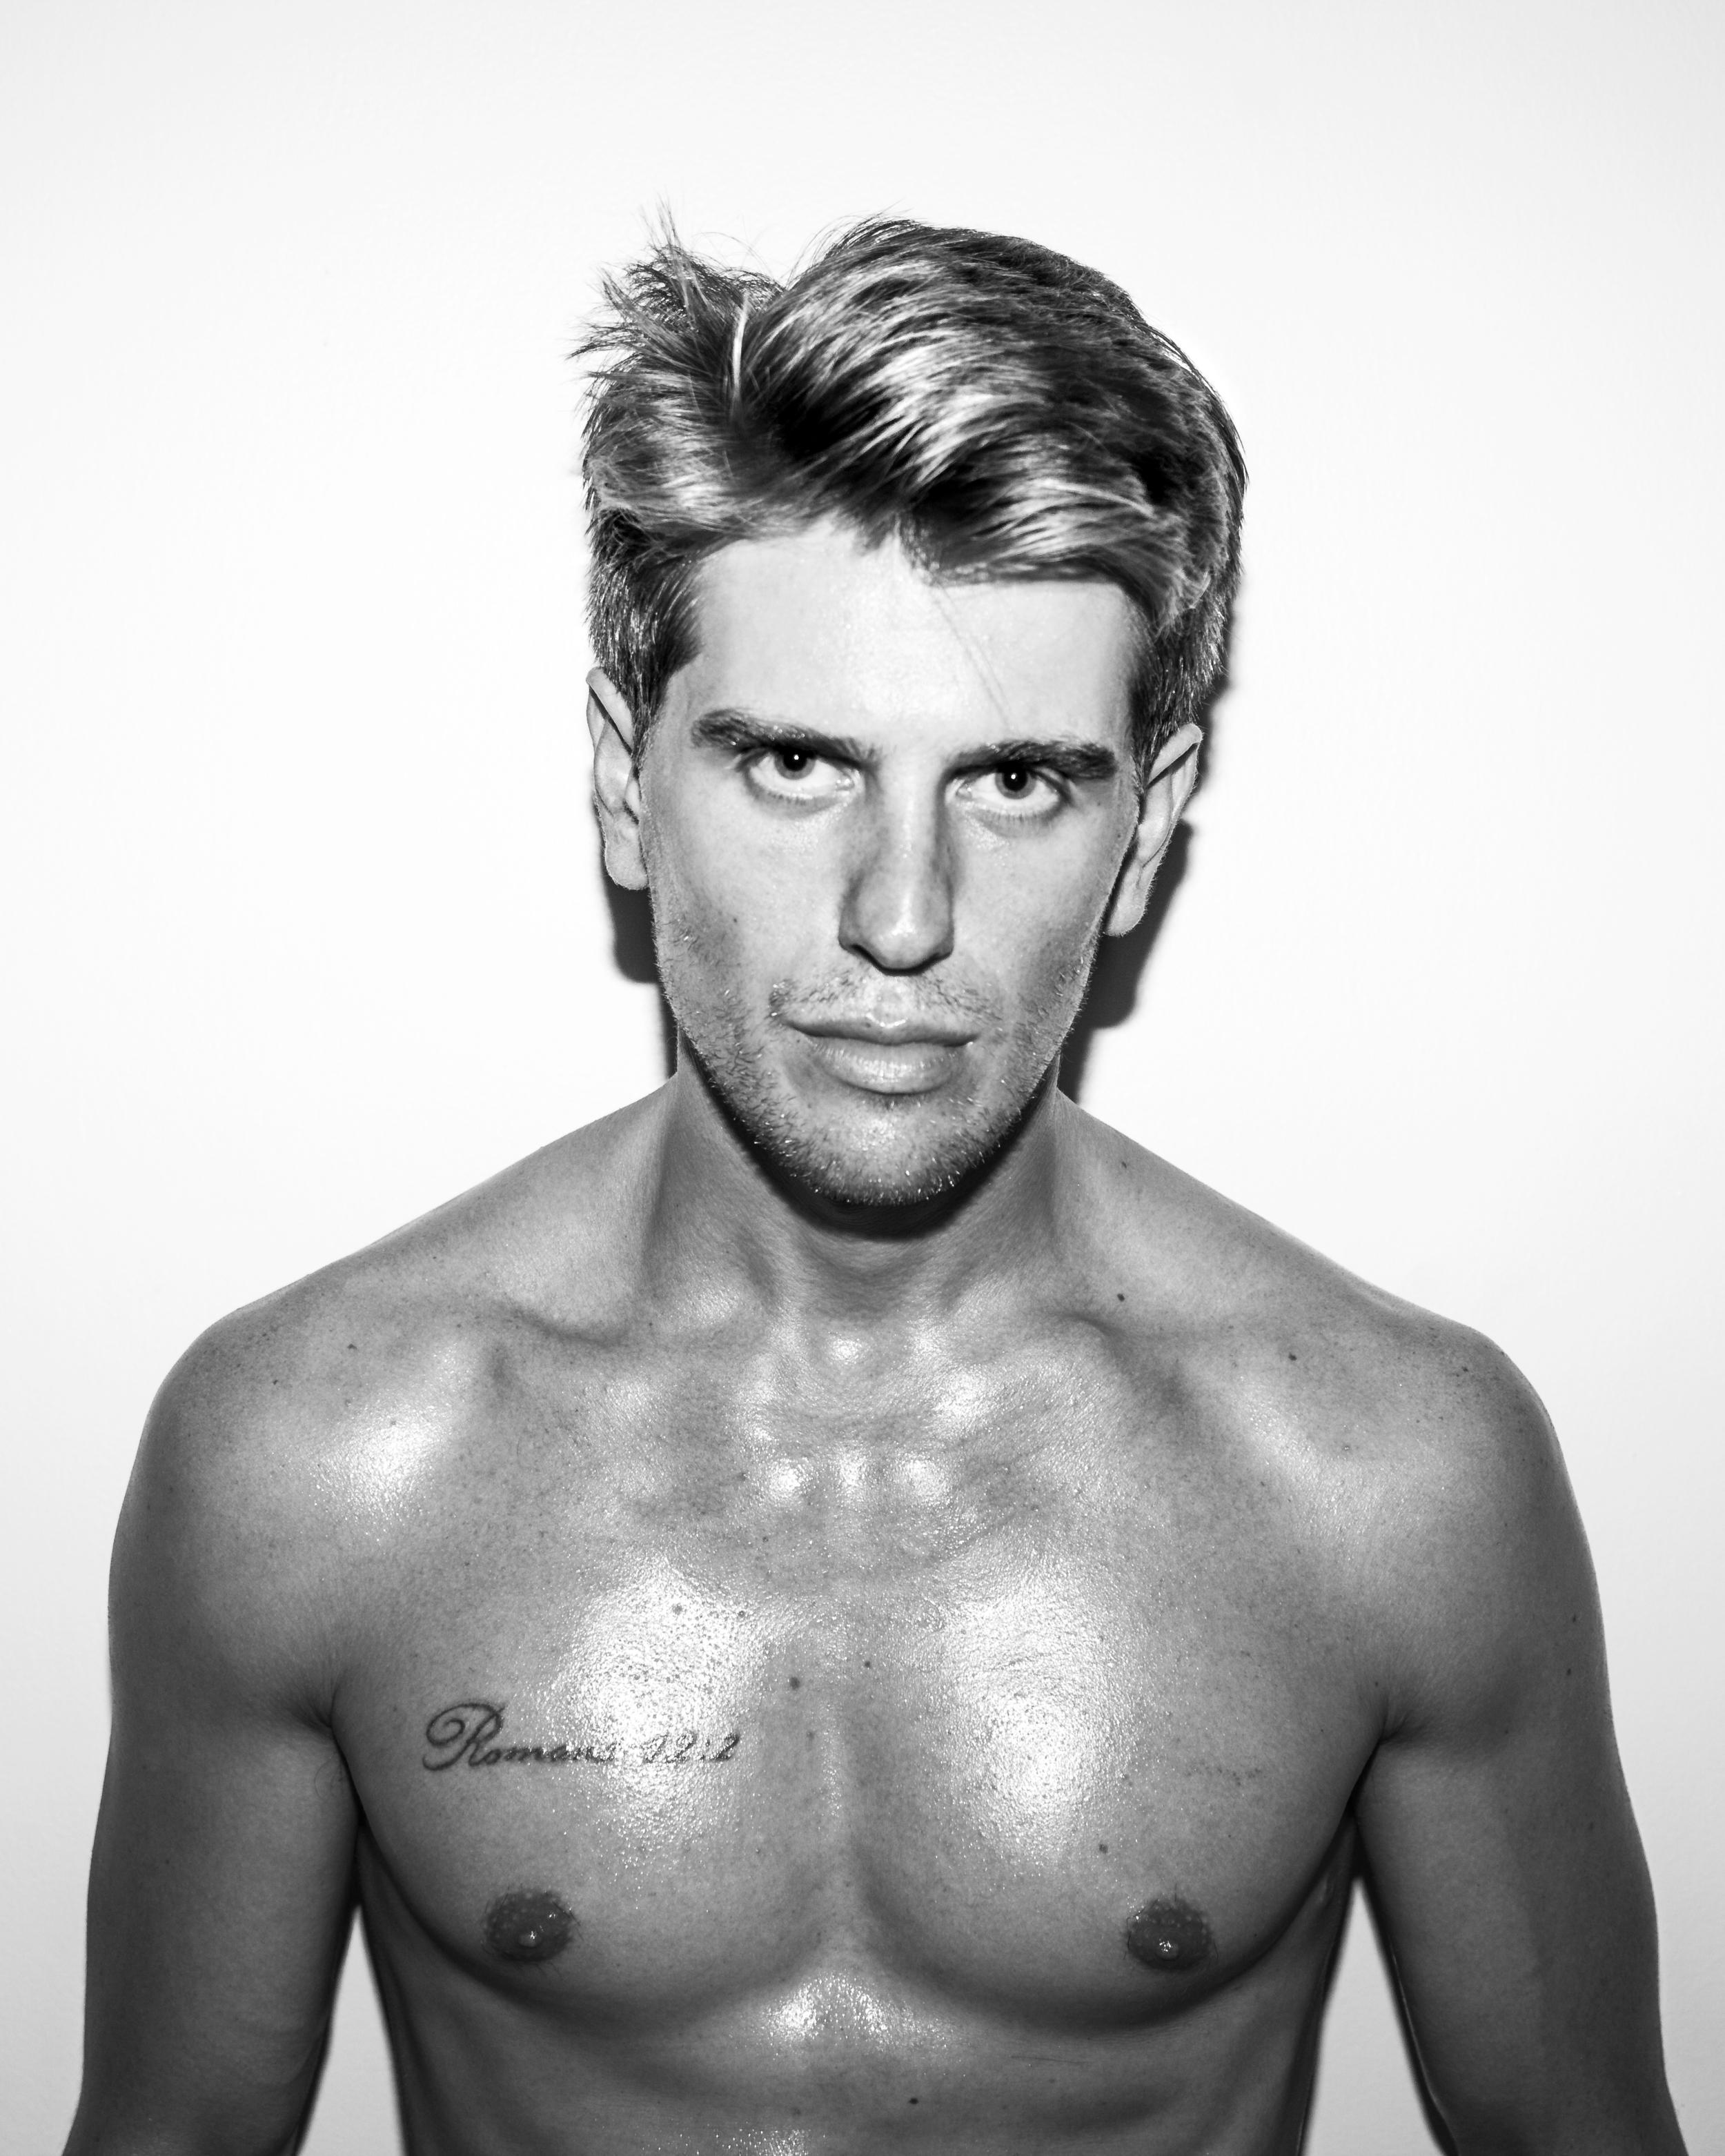 shirtless3.jpg